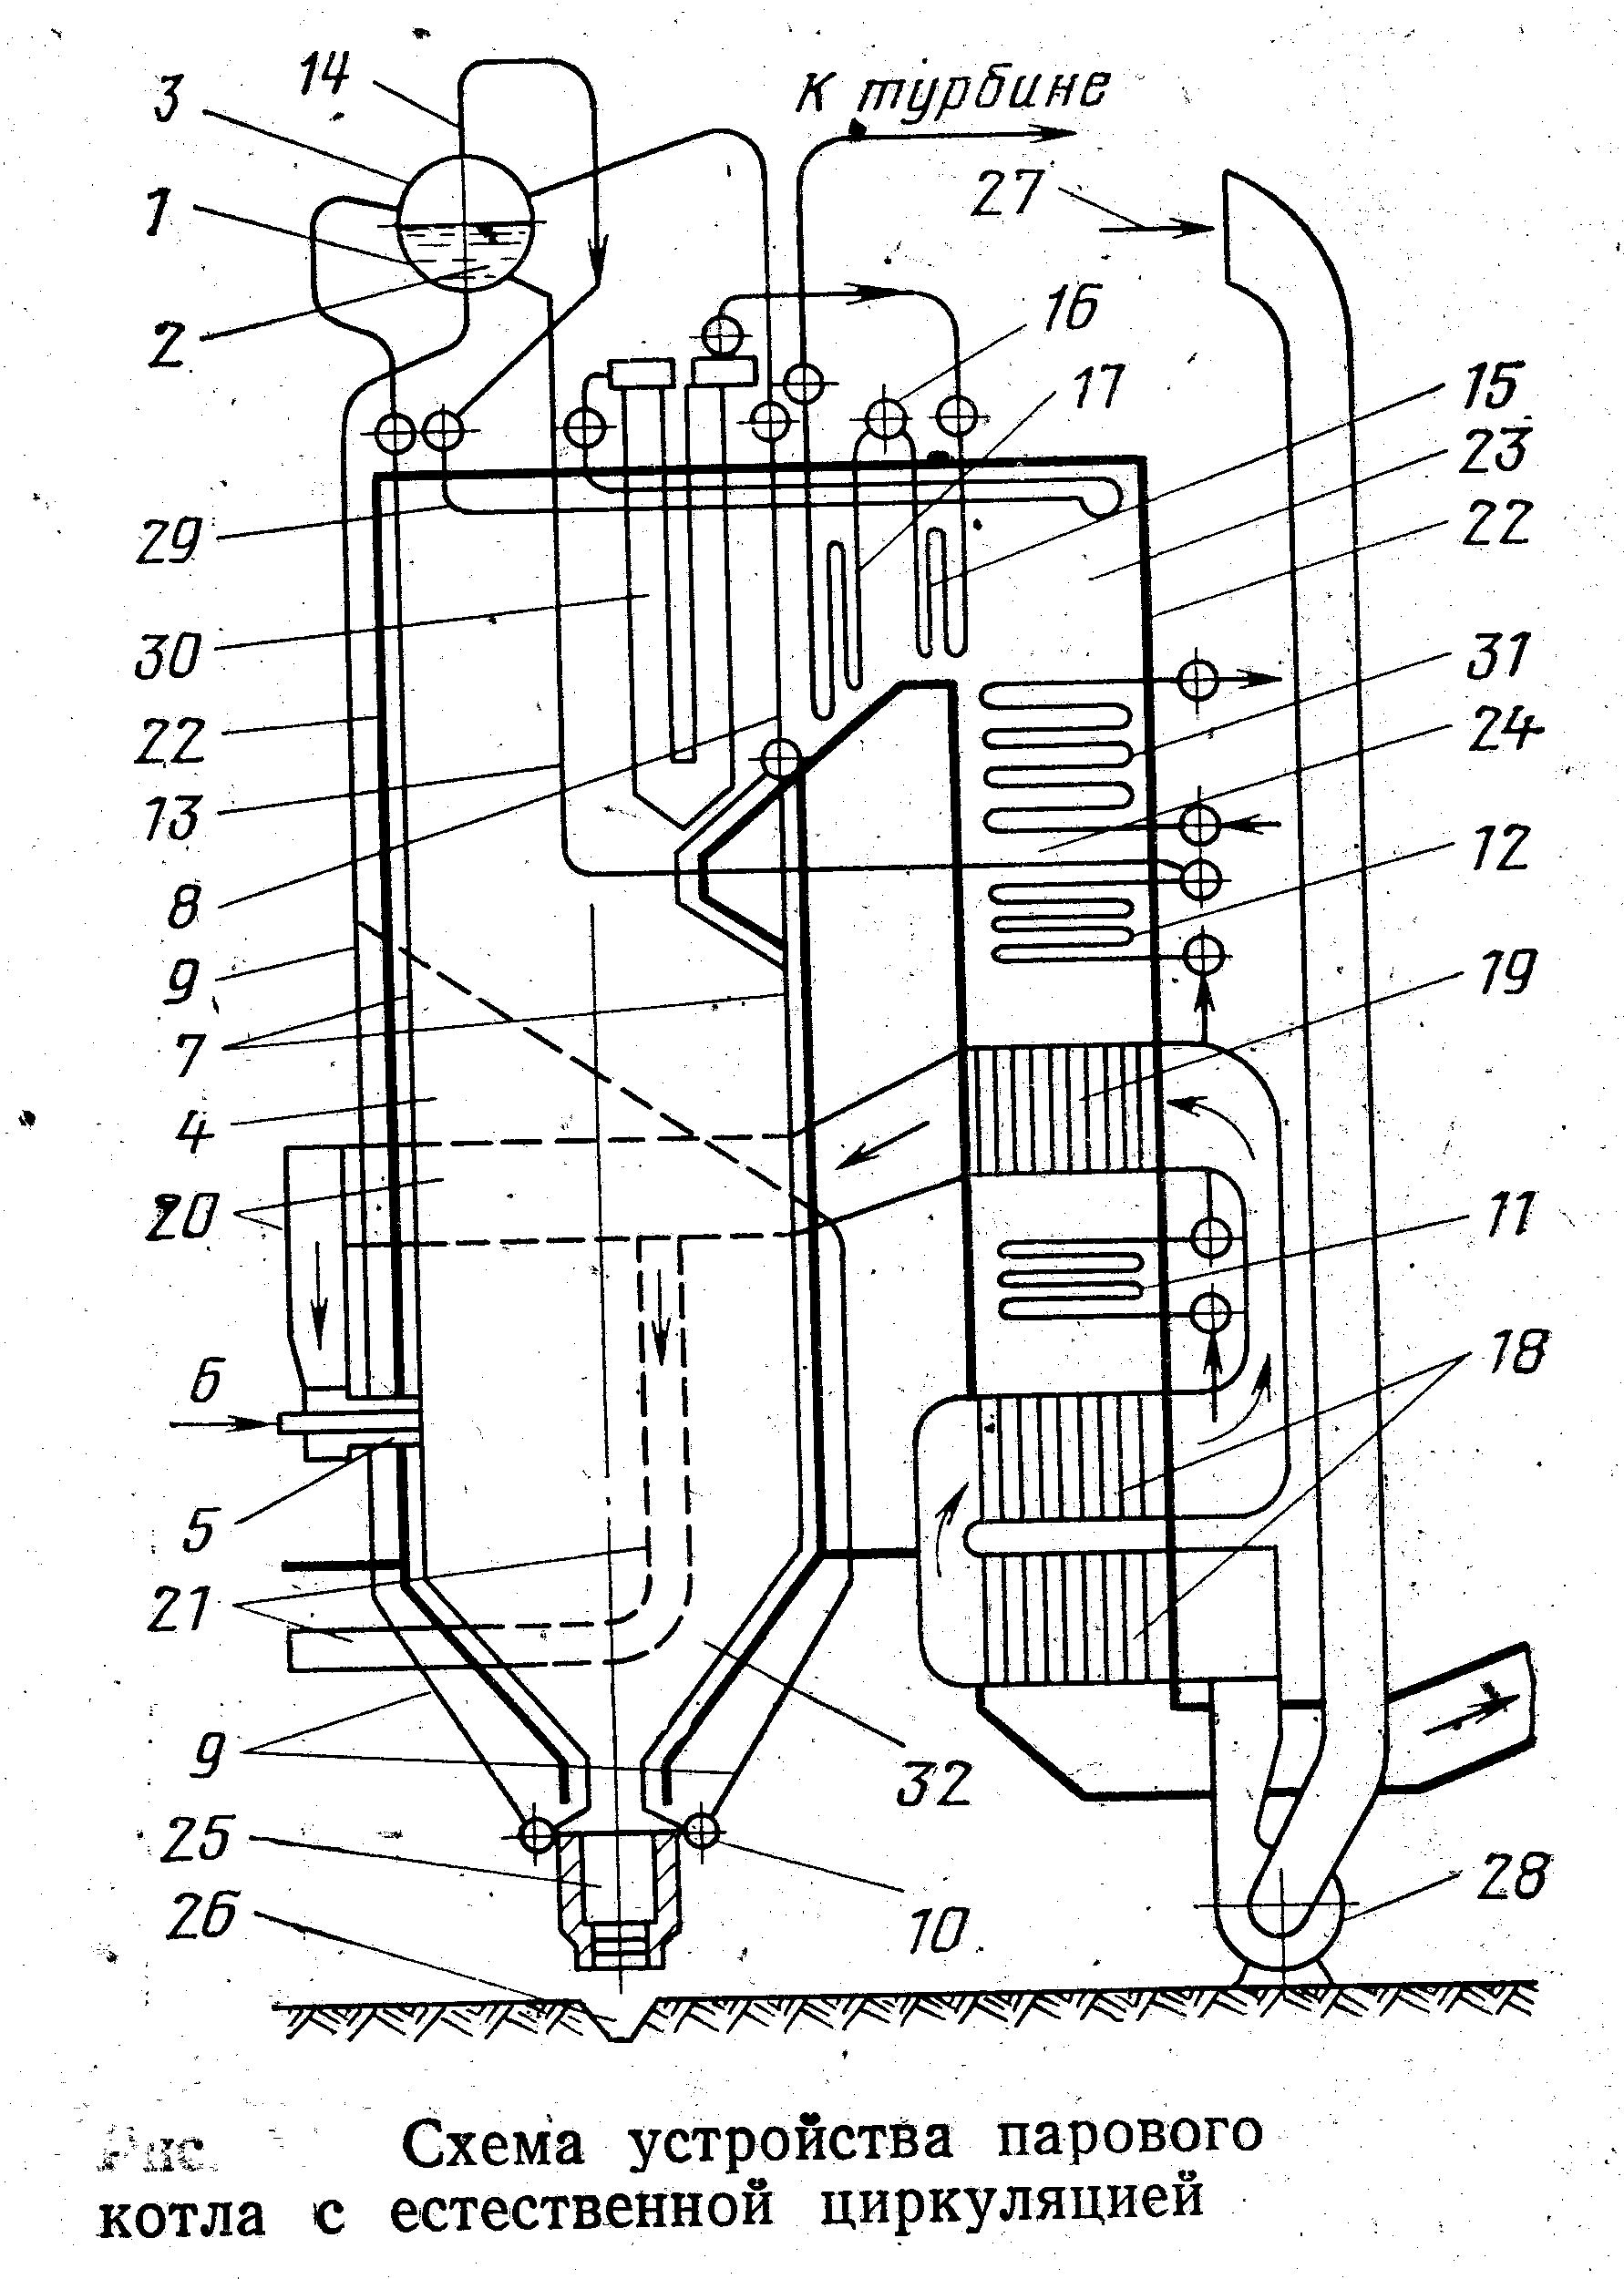 Схема циркуляции воды в котле фото 126